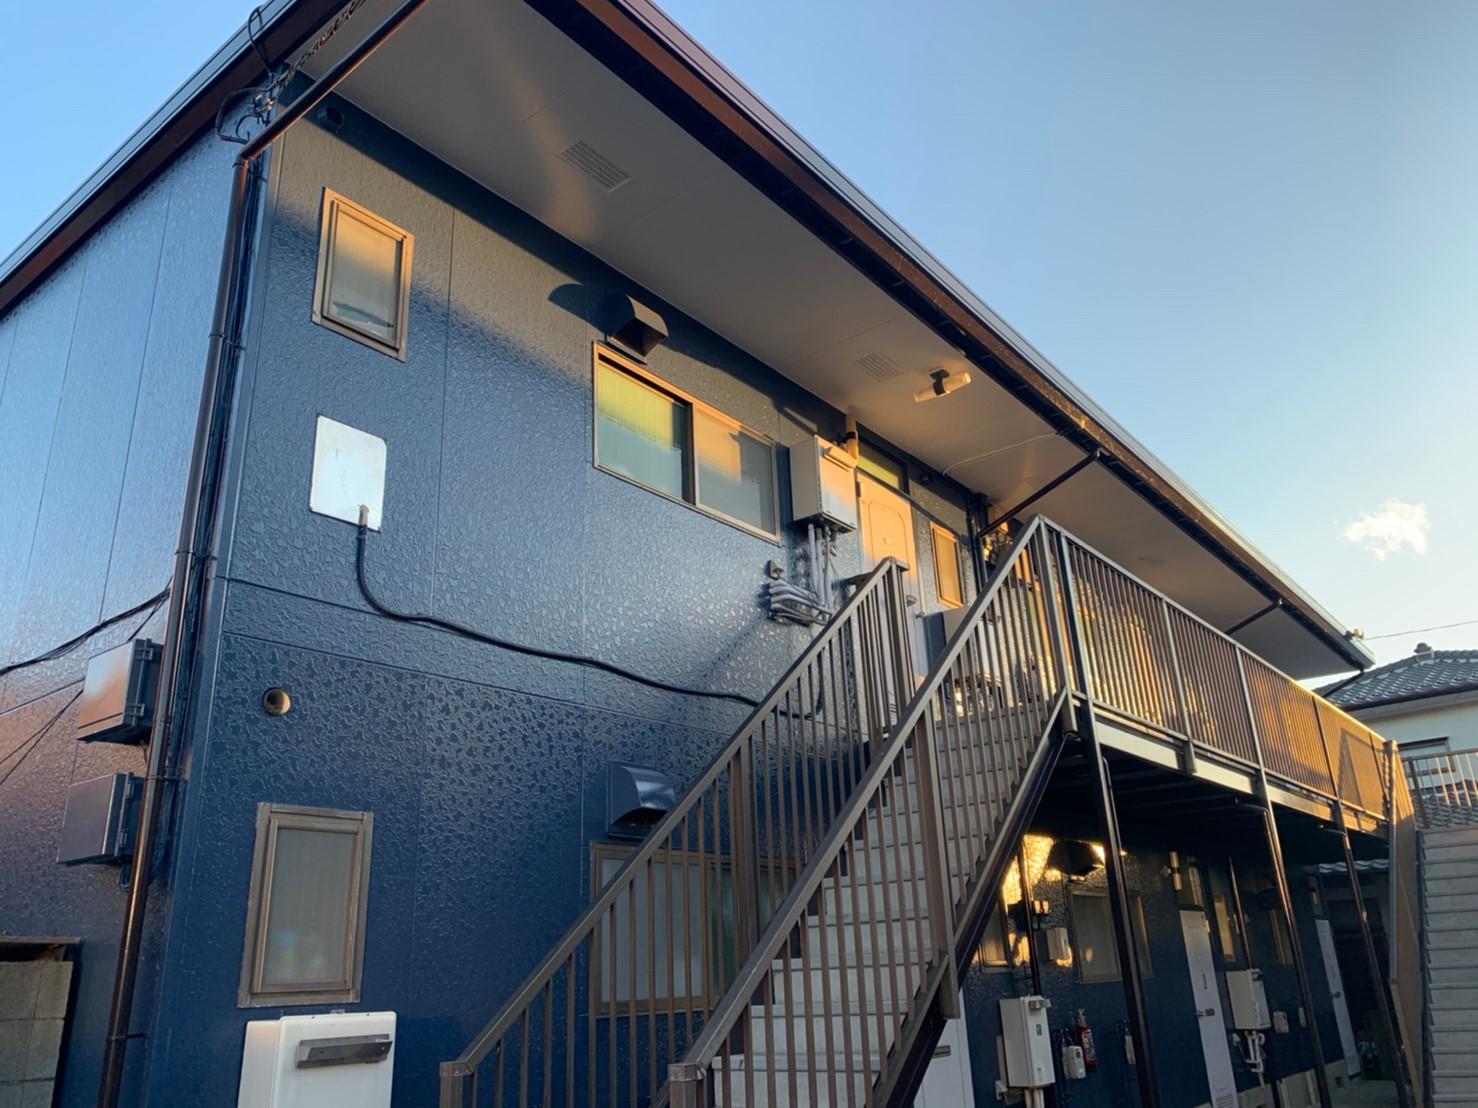 【物件管理】お客様の声⑥(一棟アパート・神奈川県相模原市)の物件写真